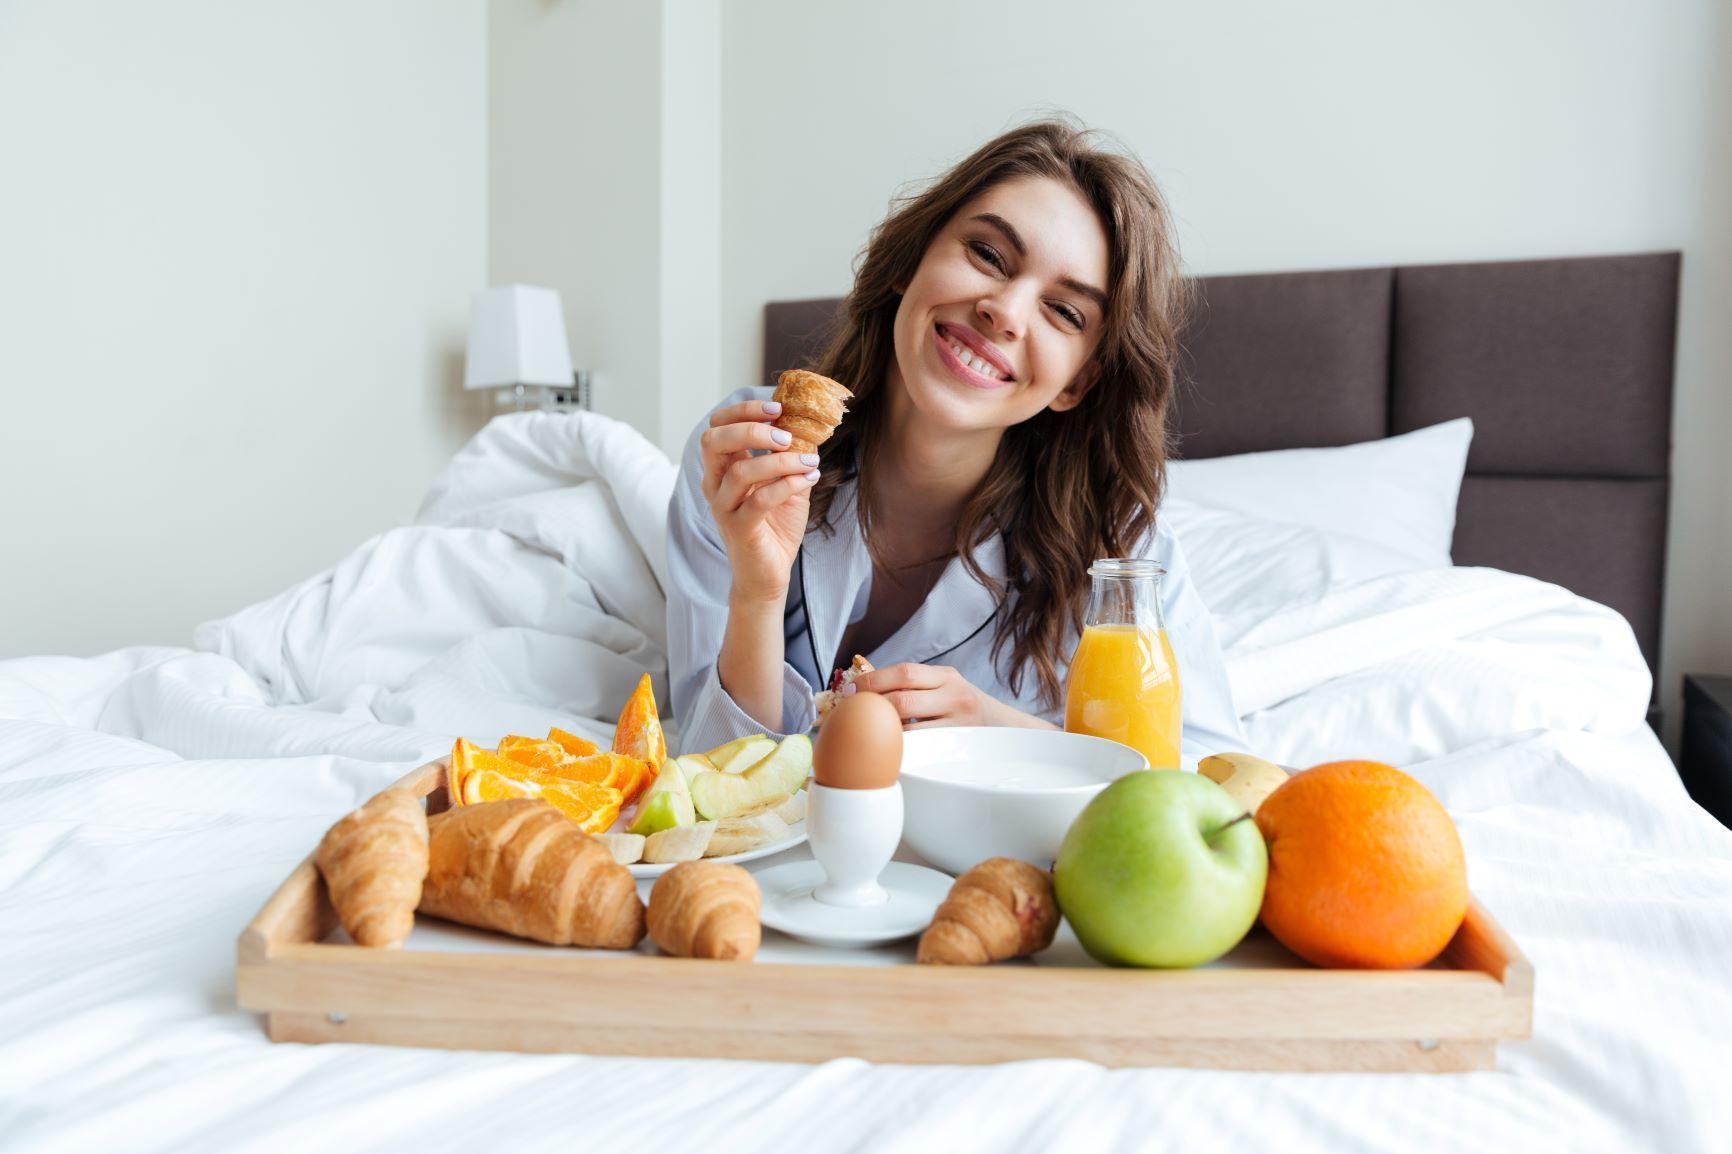 Πώς θα λειτουργούν τα ξενοδοχεία - Οι νέοι κανόνες σε εστιατόρια, δωμάτια και πισίνες